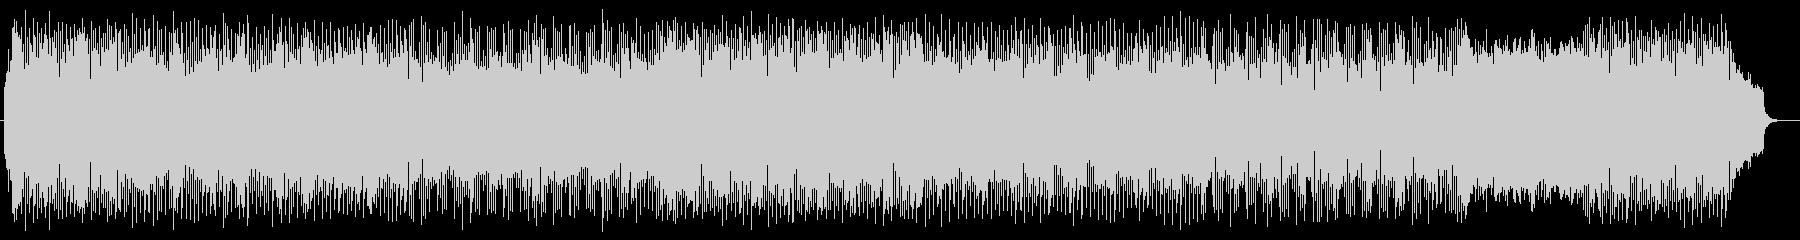 爽やかな響きのピアノポップスの未再生の波形